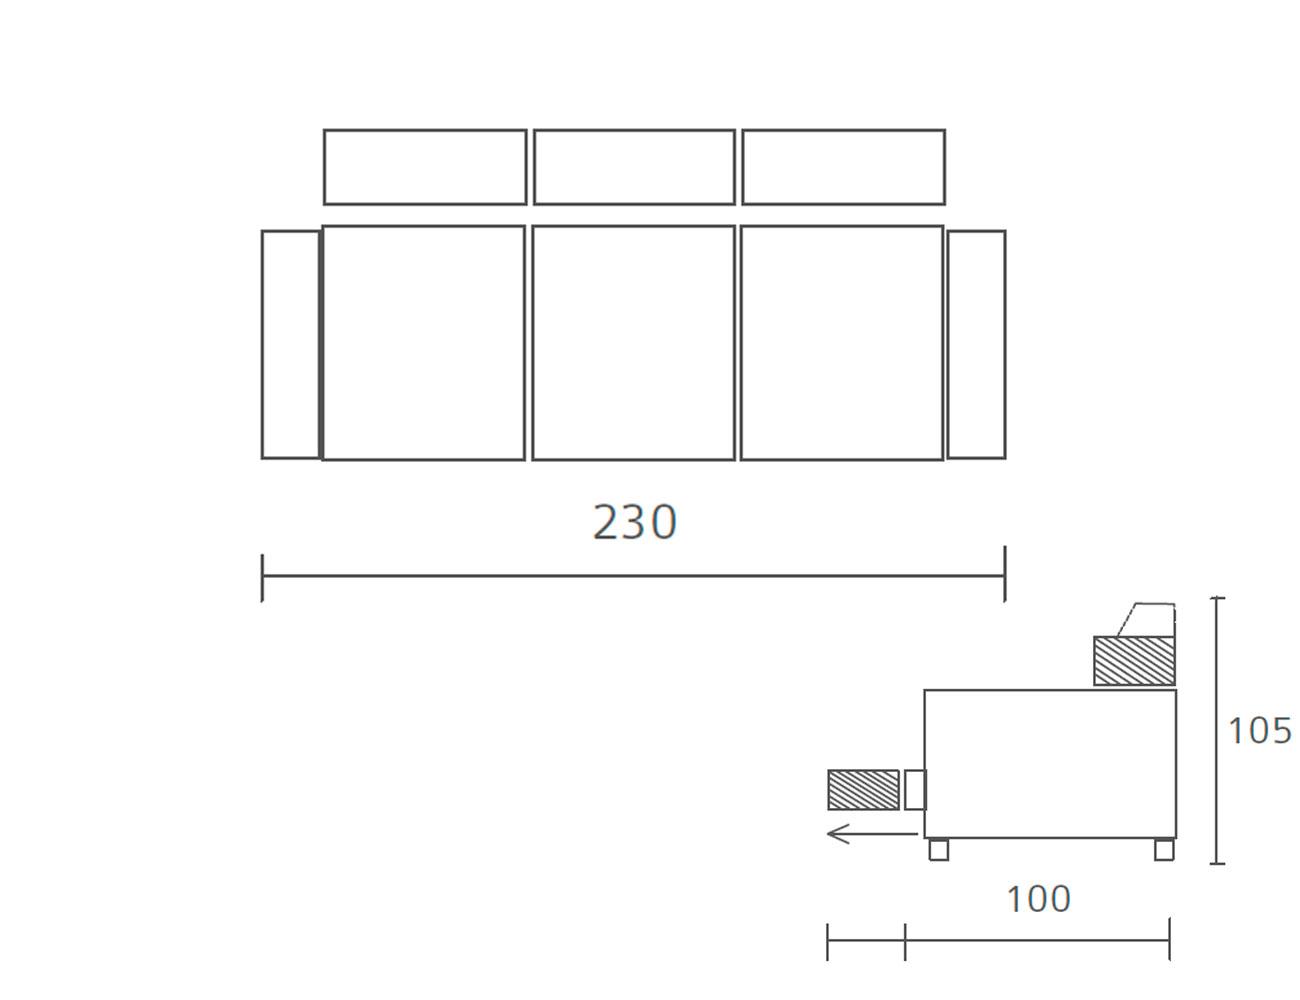 Sofa 2303